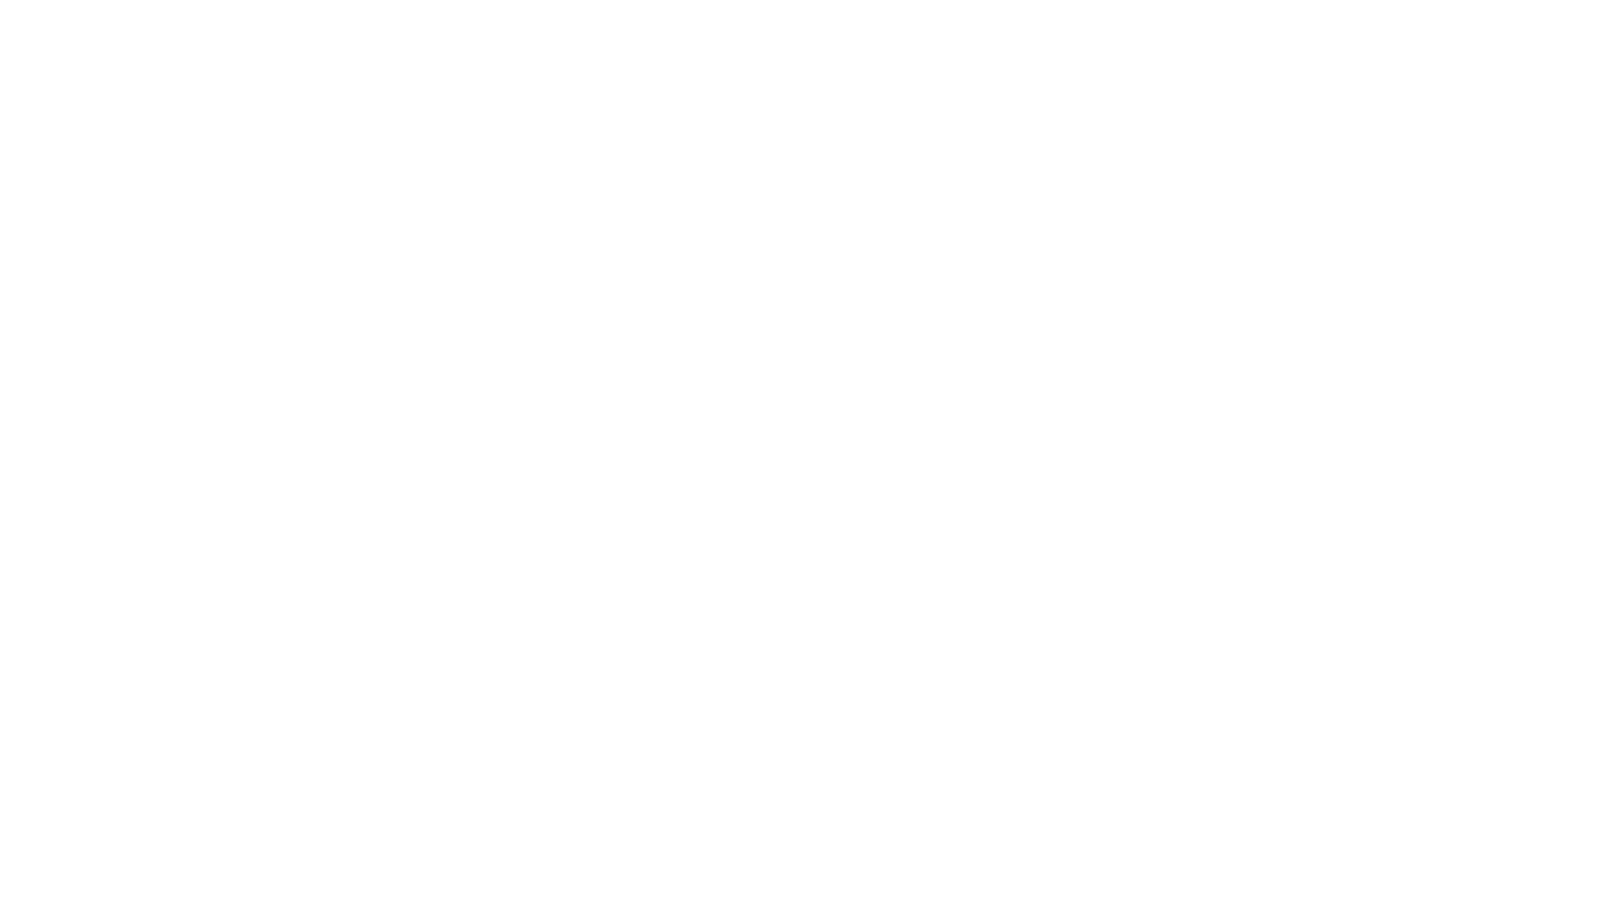 Demián Duarte, periodista sonorense nos comparte su experiencia con el uso cotidiano de Pinoliyo que le ha beneficiado en su forma de hacer ejercicio, ya que siente más energía, ha disminuido sus tiempos al correr, se cansa menos, resiste más en todas sus actividades diarias. En sus constantes viajes ya no se siente agotado con tan sólo diez días de consumirlo; seguiremos este caso, informando sobre su experiencia y los beneficios que paulatinamente vaya obteniendo. ¡Enhorabuena!